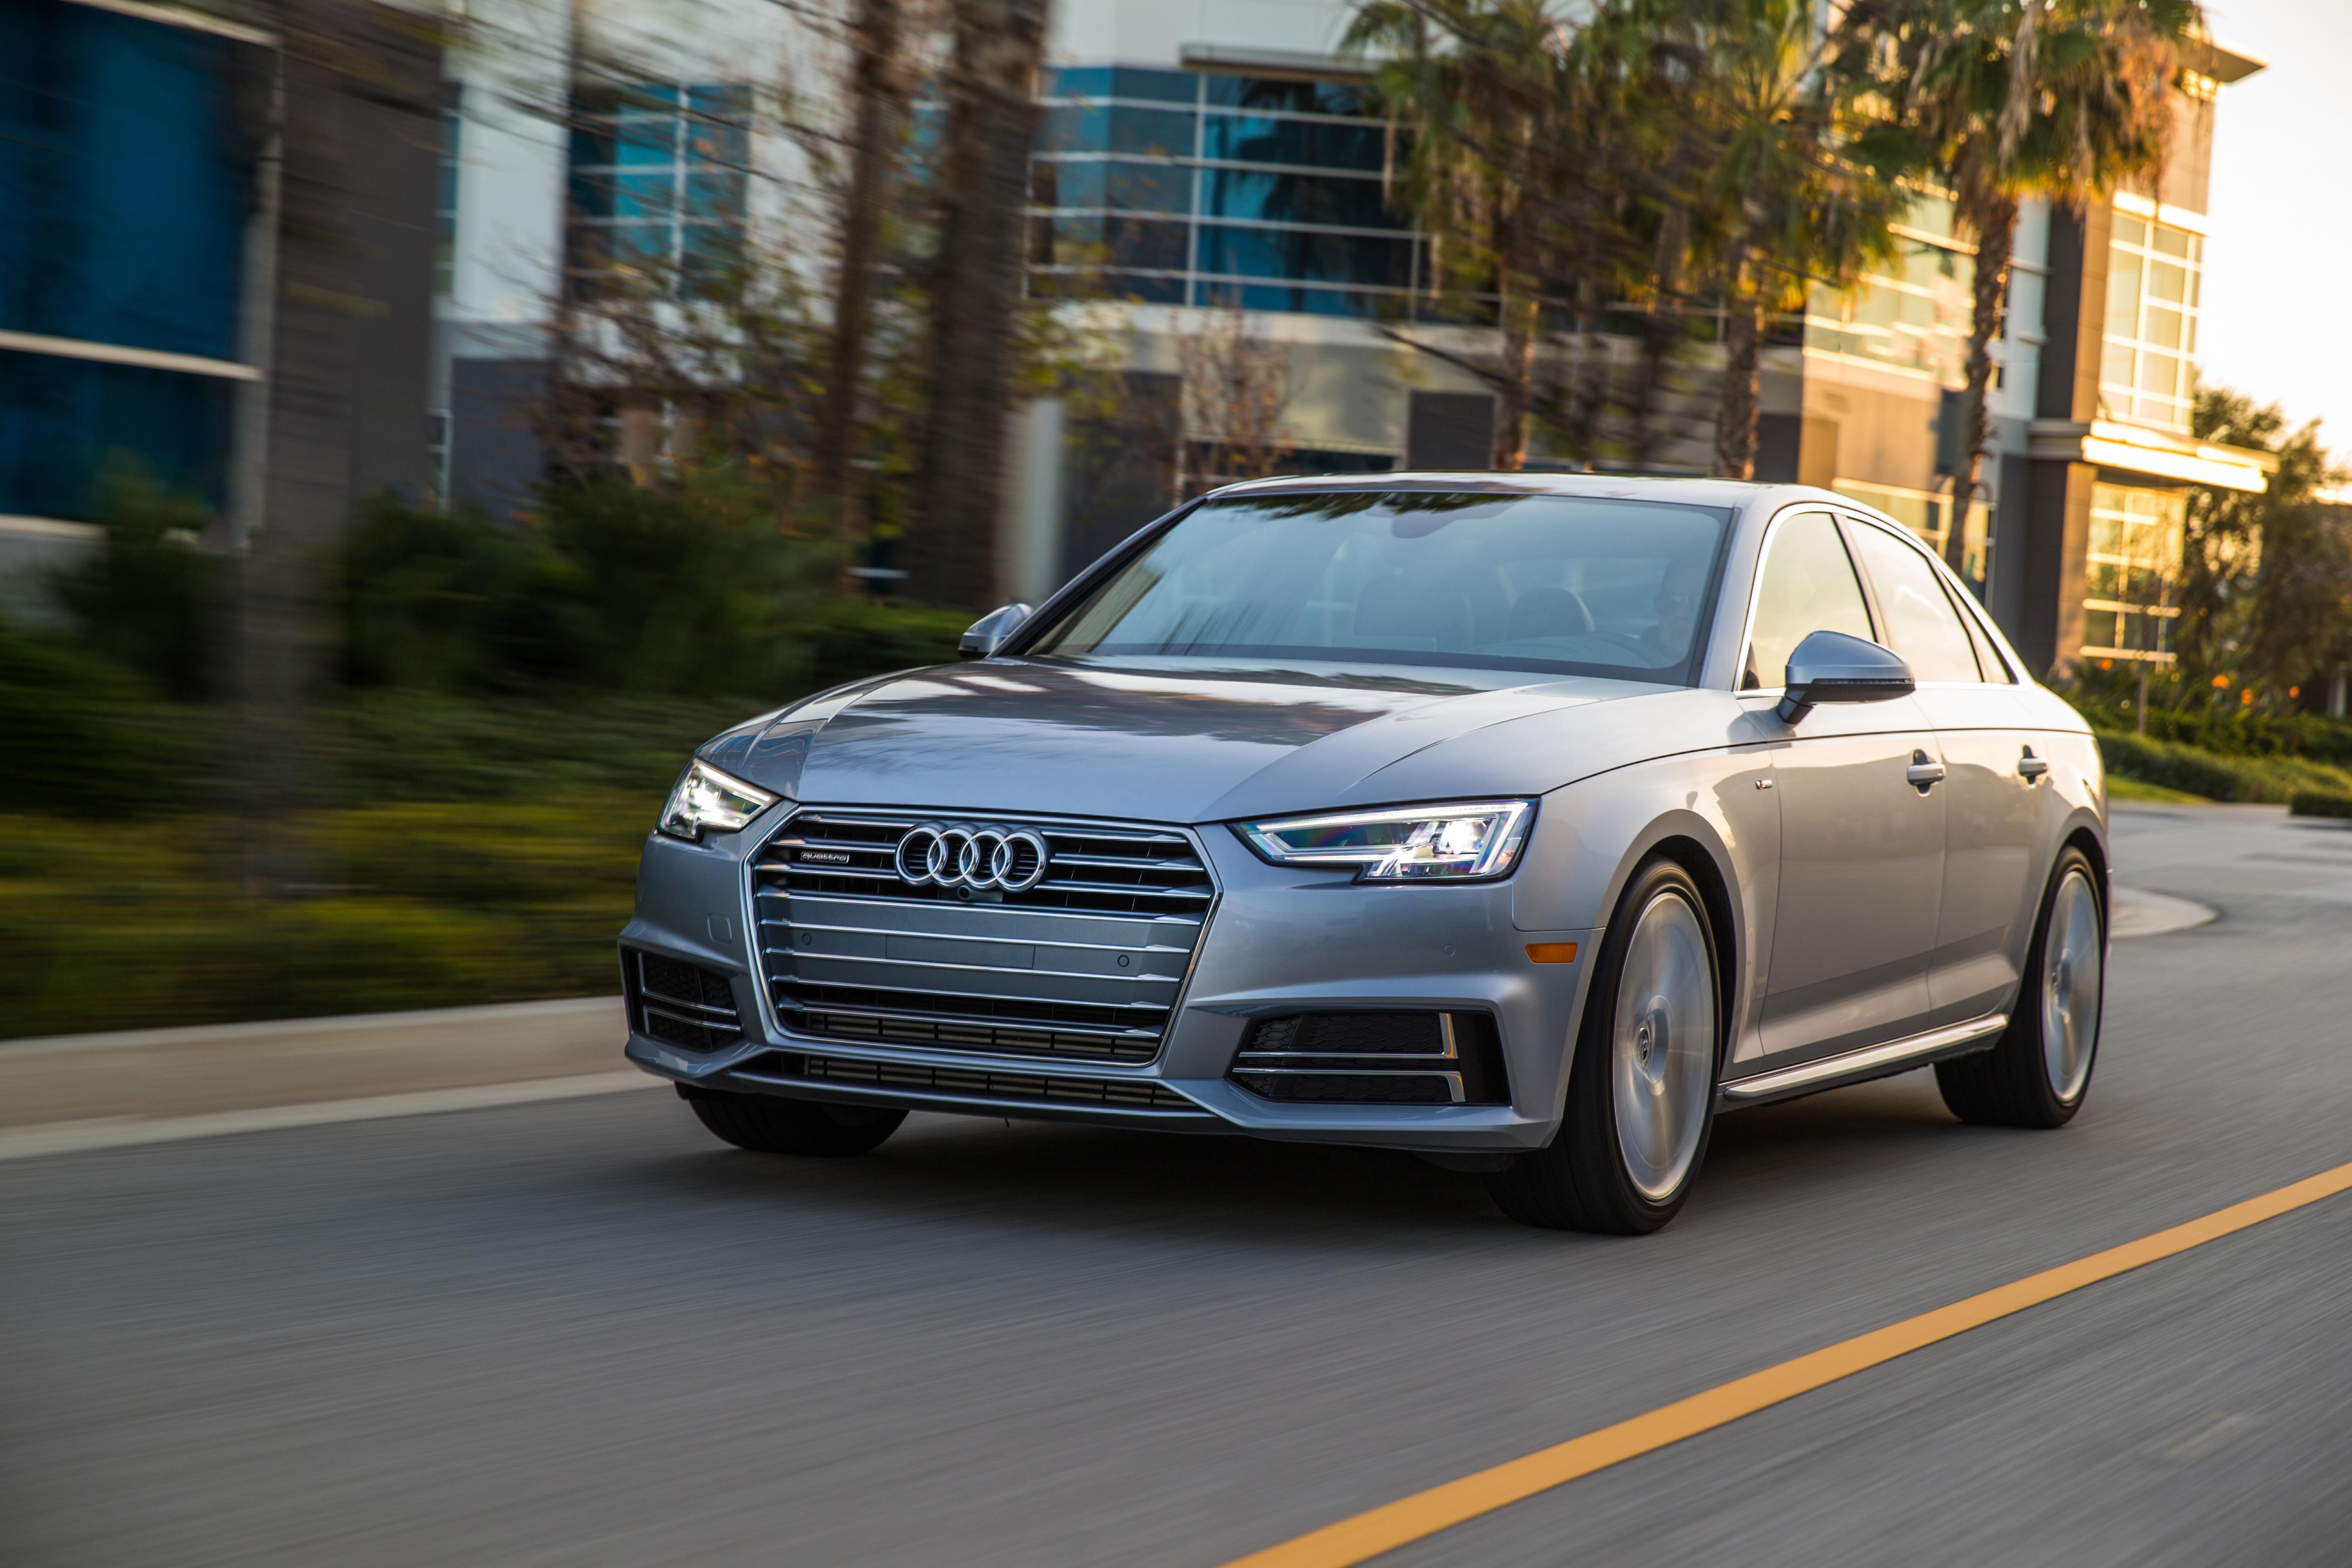 Kelebihan Kekurangan Audi A4 2018 Harga